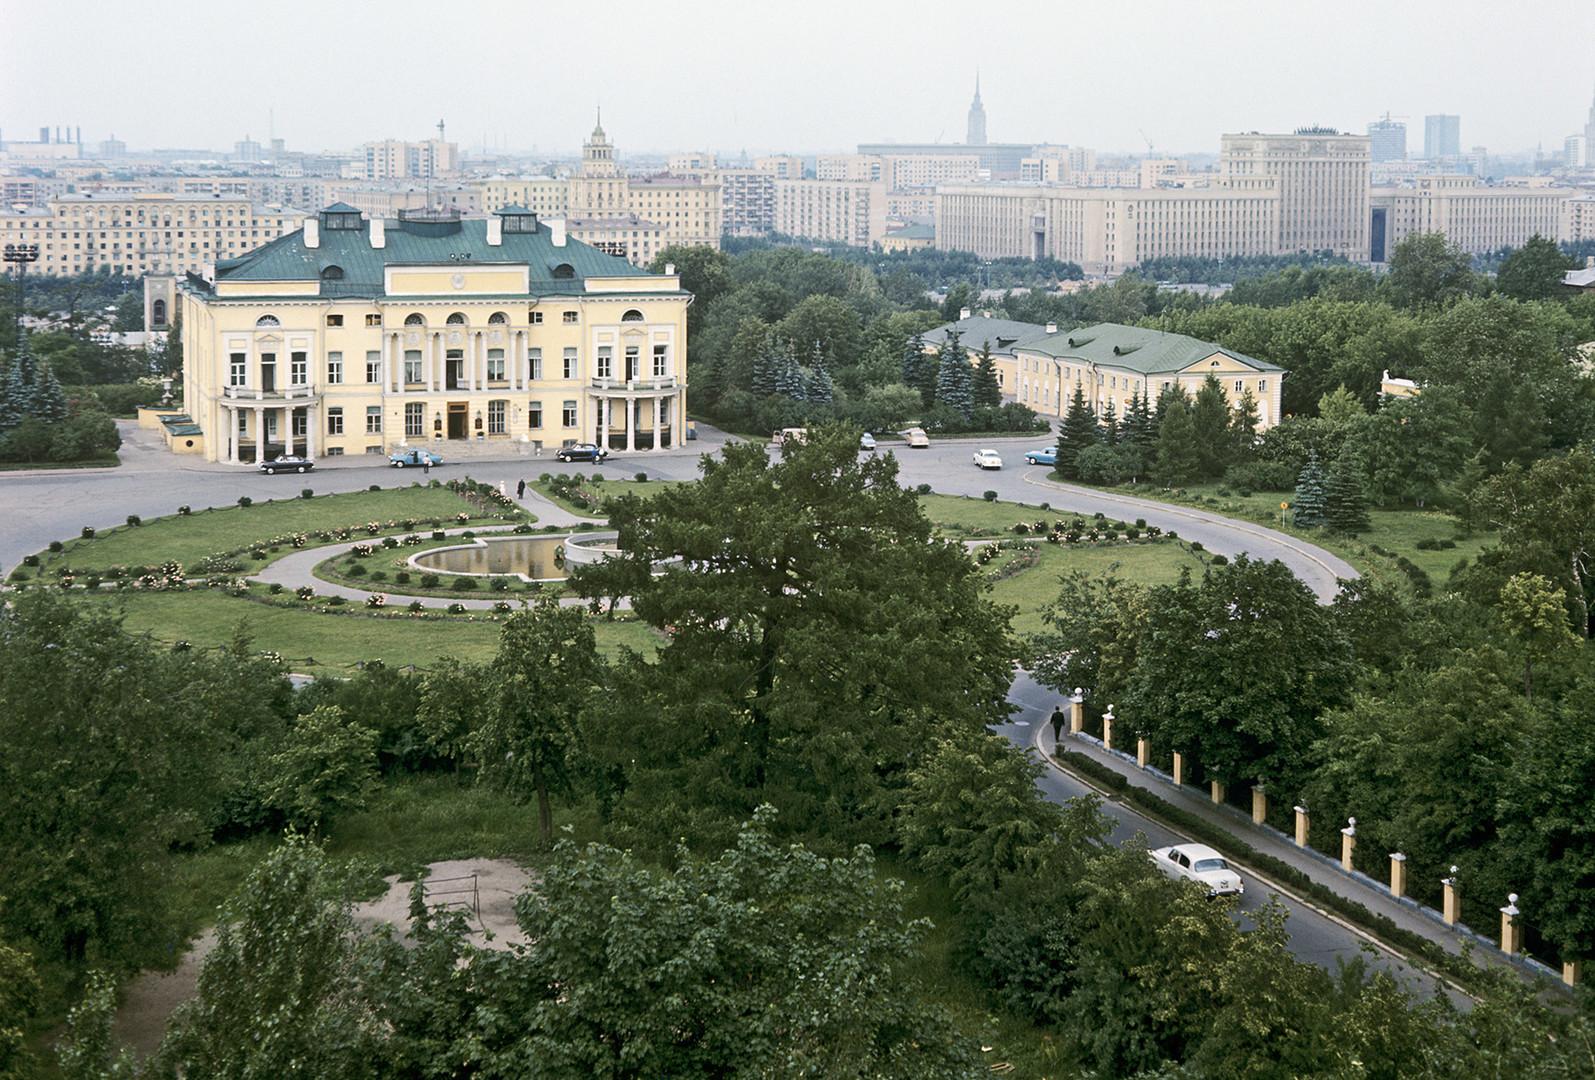 プロコフィー・デミドフのアレクサンドリンスキイ(ネスクーシュヌイ)宮殿